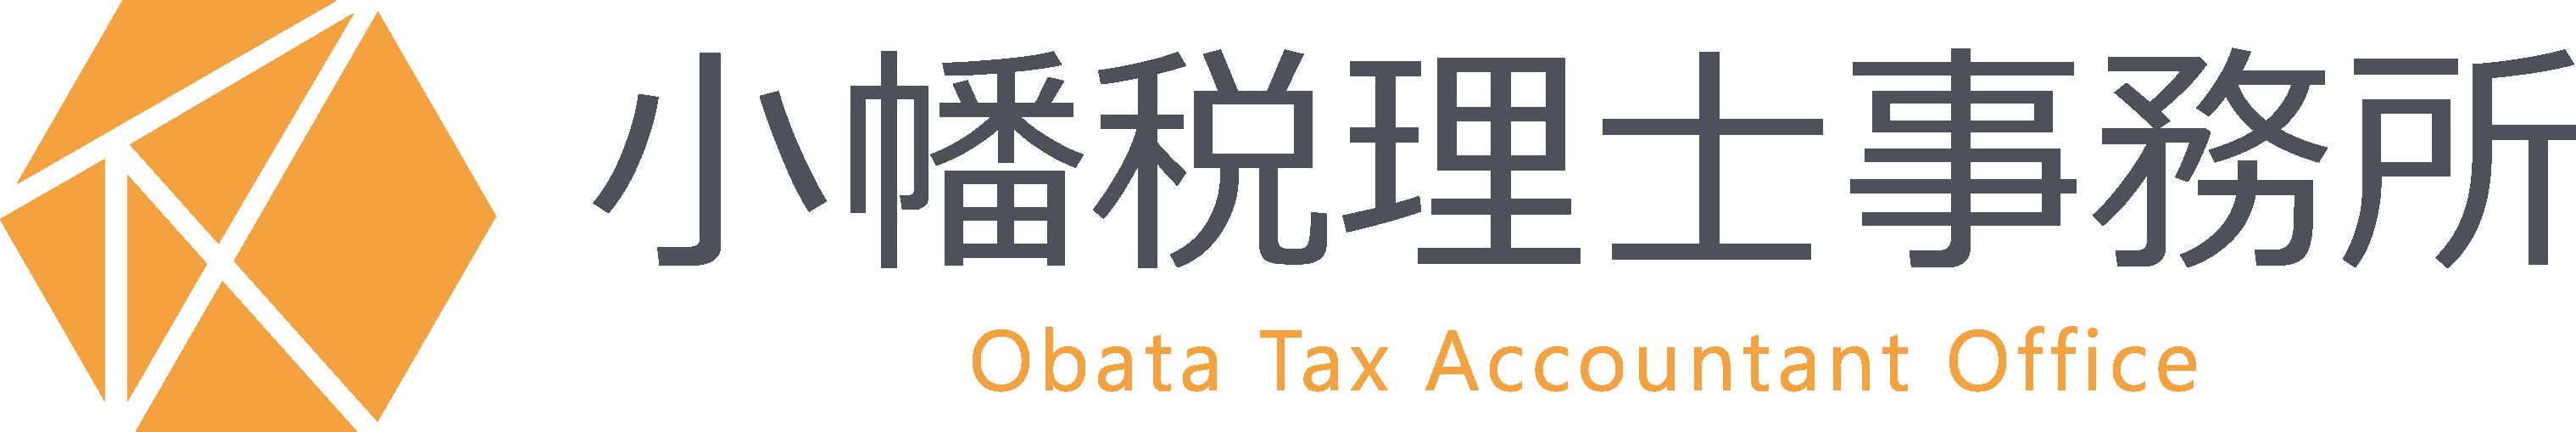 小幡税理士事務所